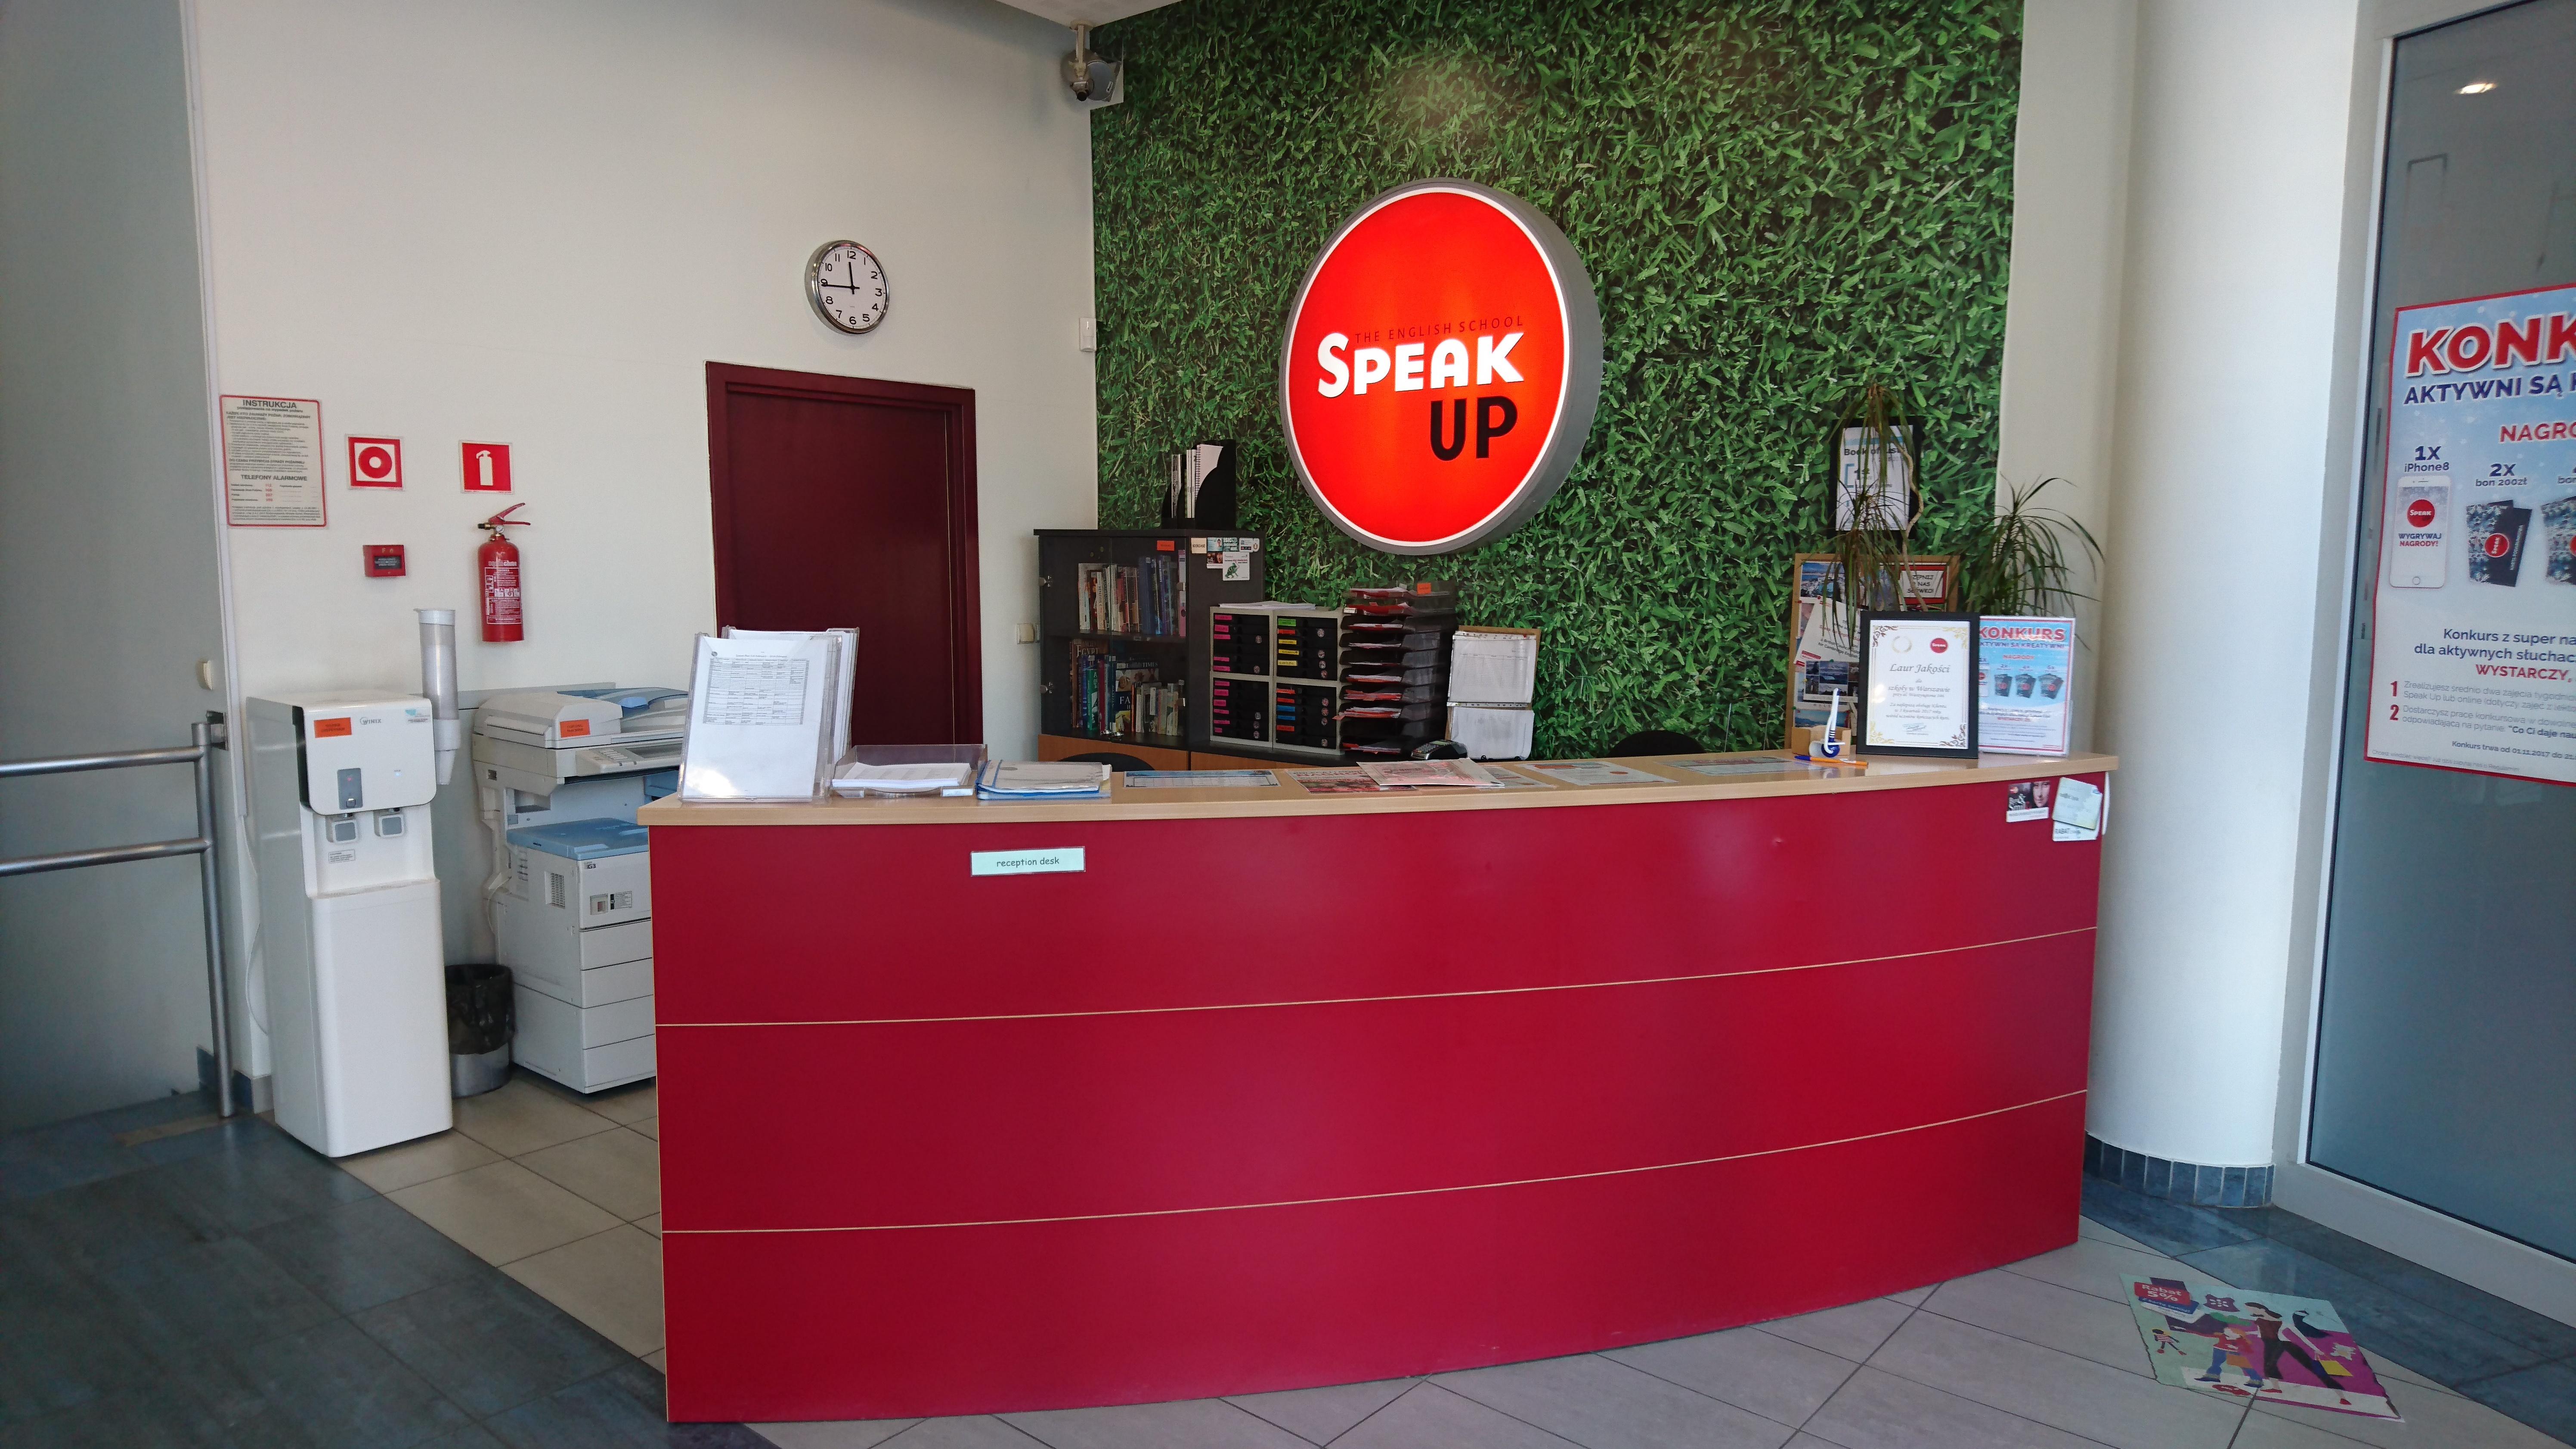 Szkoła Speak Up ul. Al. Waszyngtona Warszawa